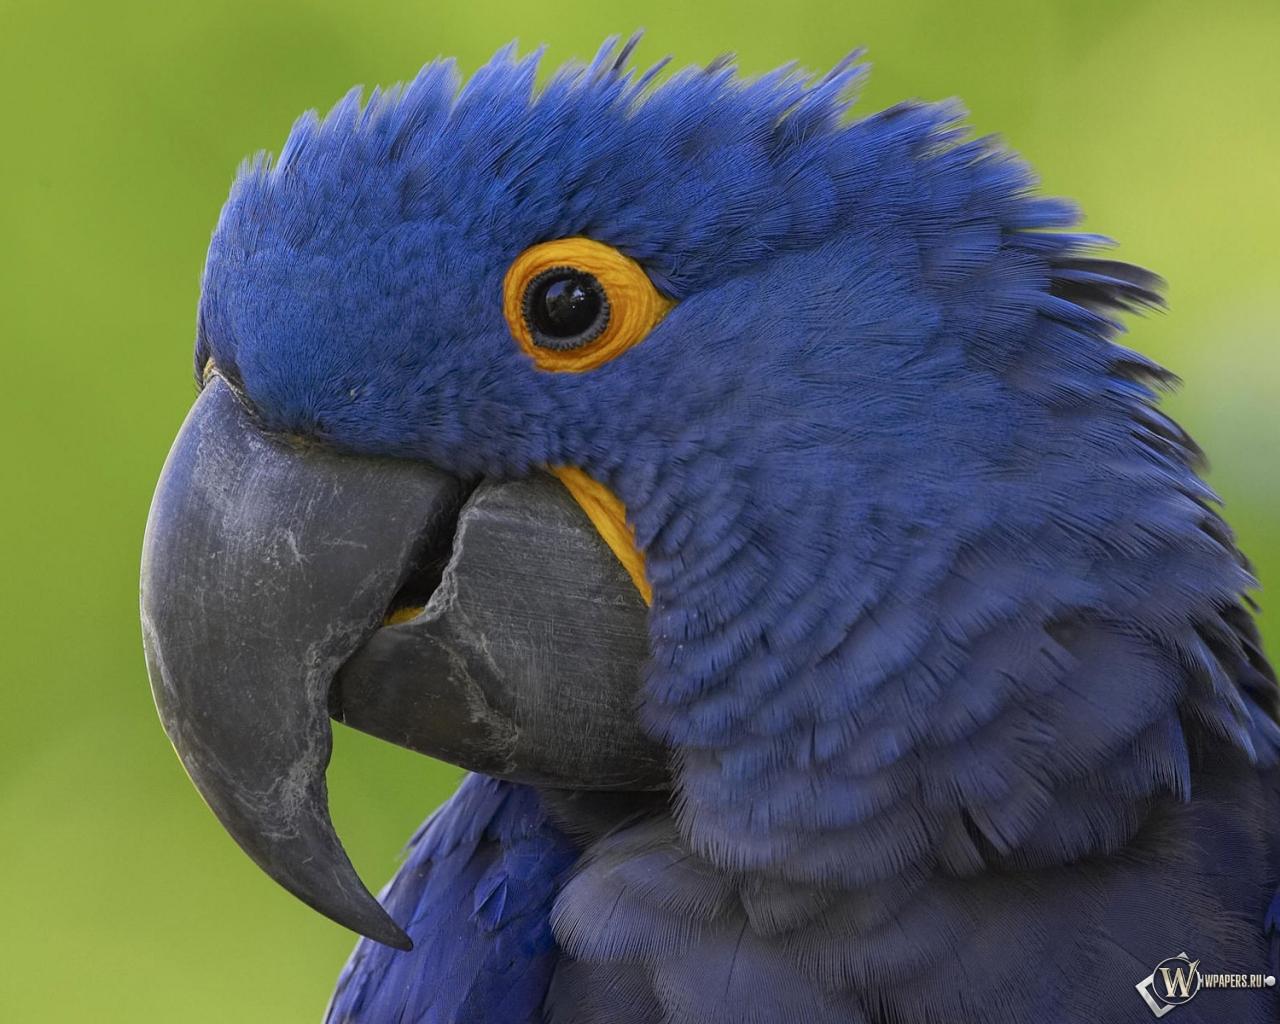 Синий попугай 1280x1024